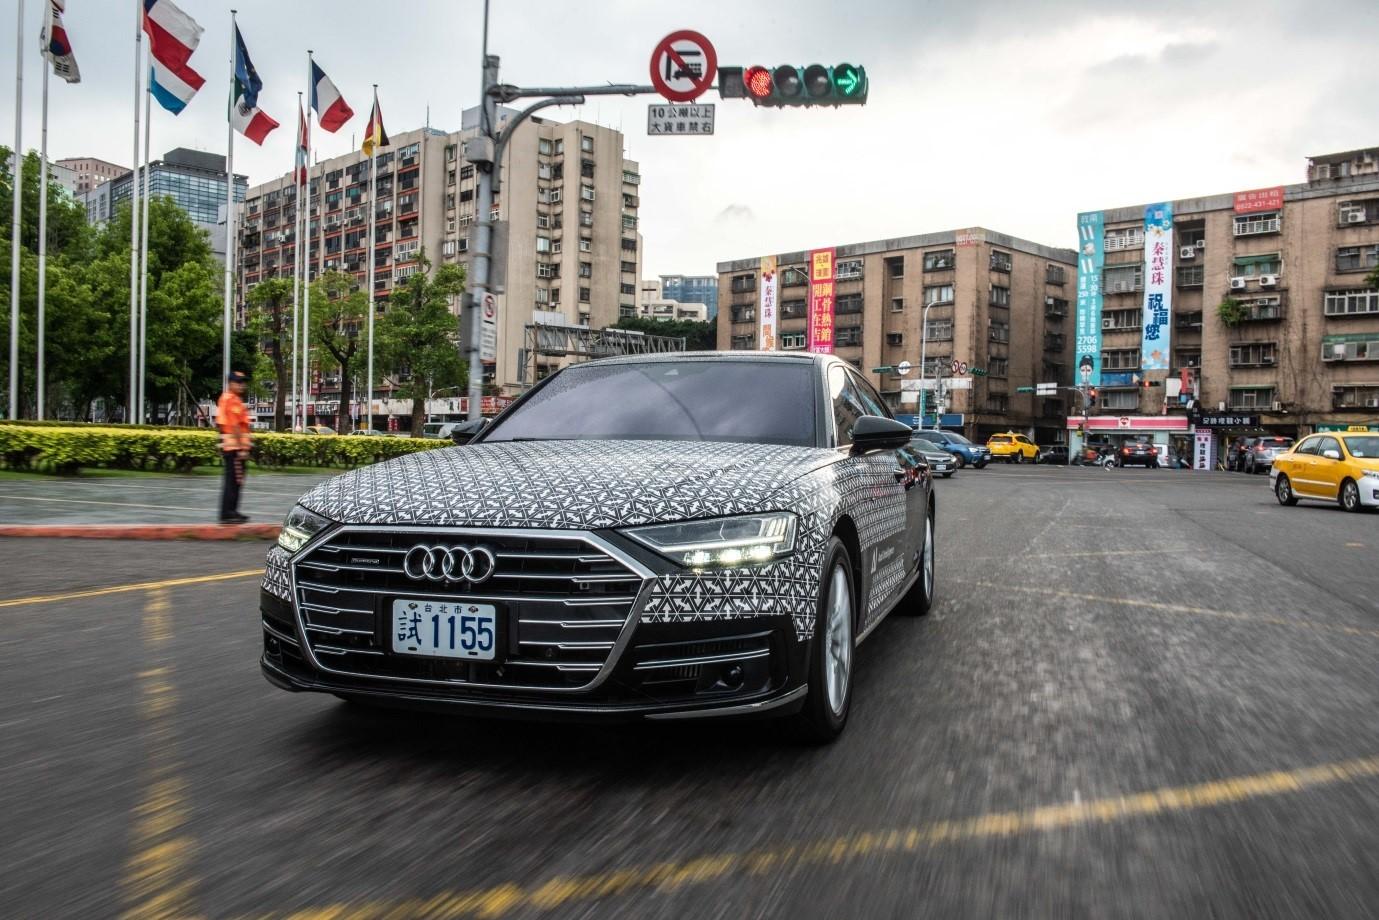 顛覆視野,汽車大廠揭示智慧移動未來樣貌